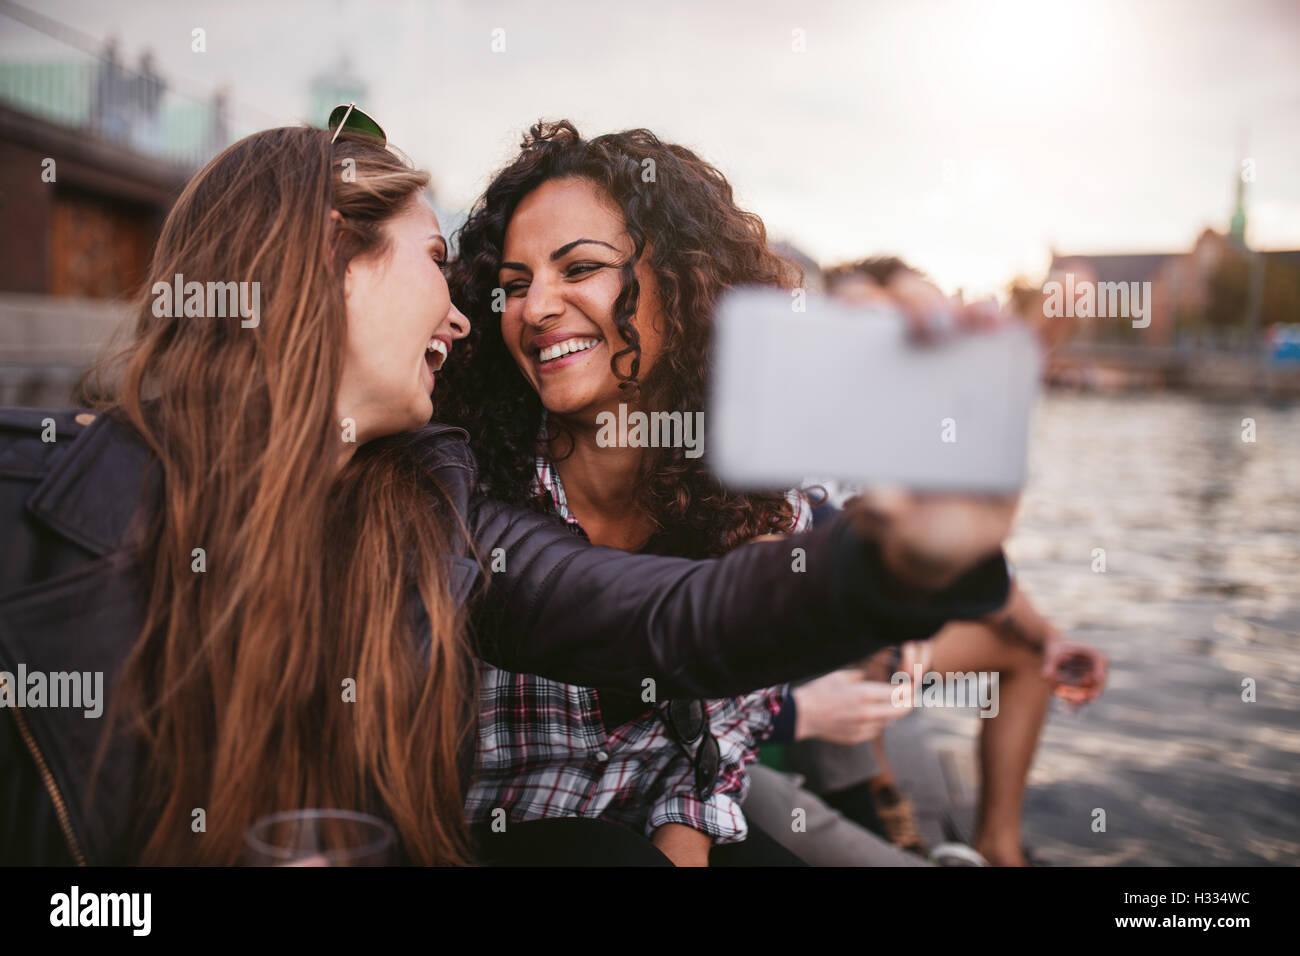 Cheerful young women friends en tenant par les selfies lake. Meilleurs amis de s'amuser ensemble. Photo Stock